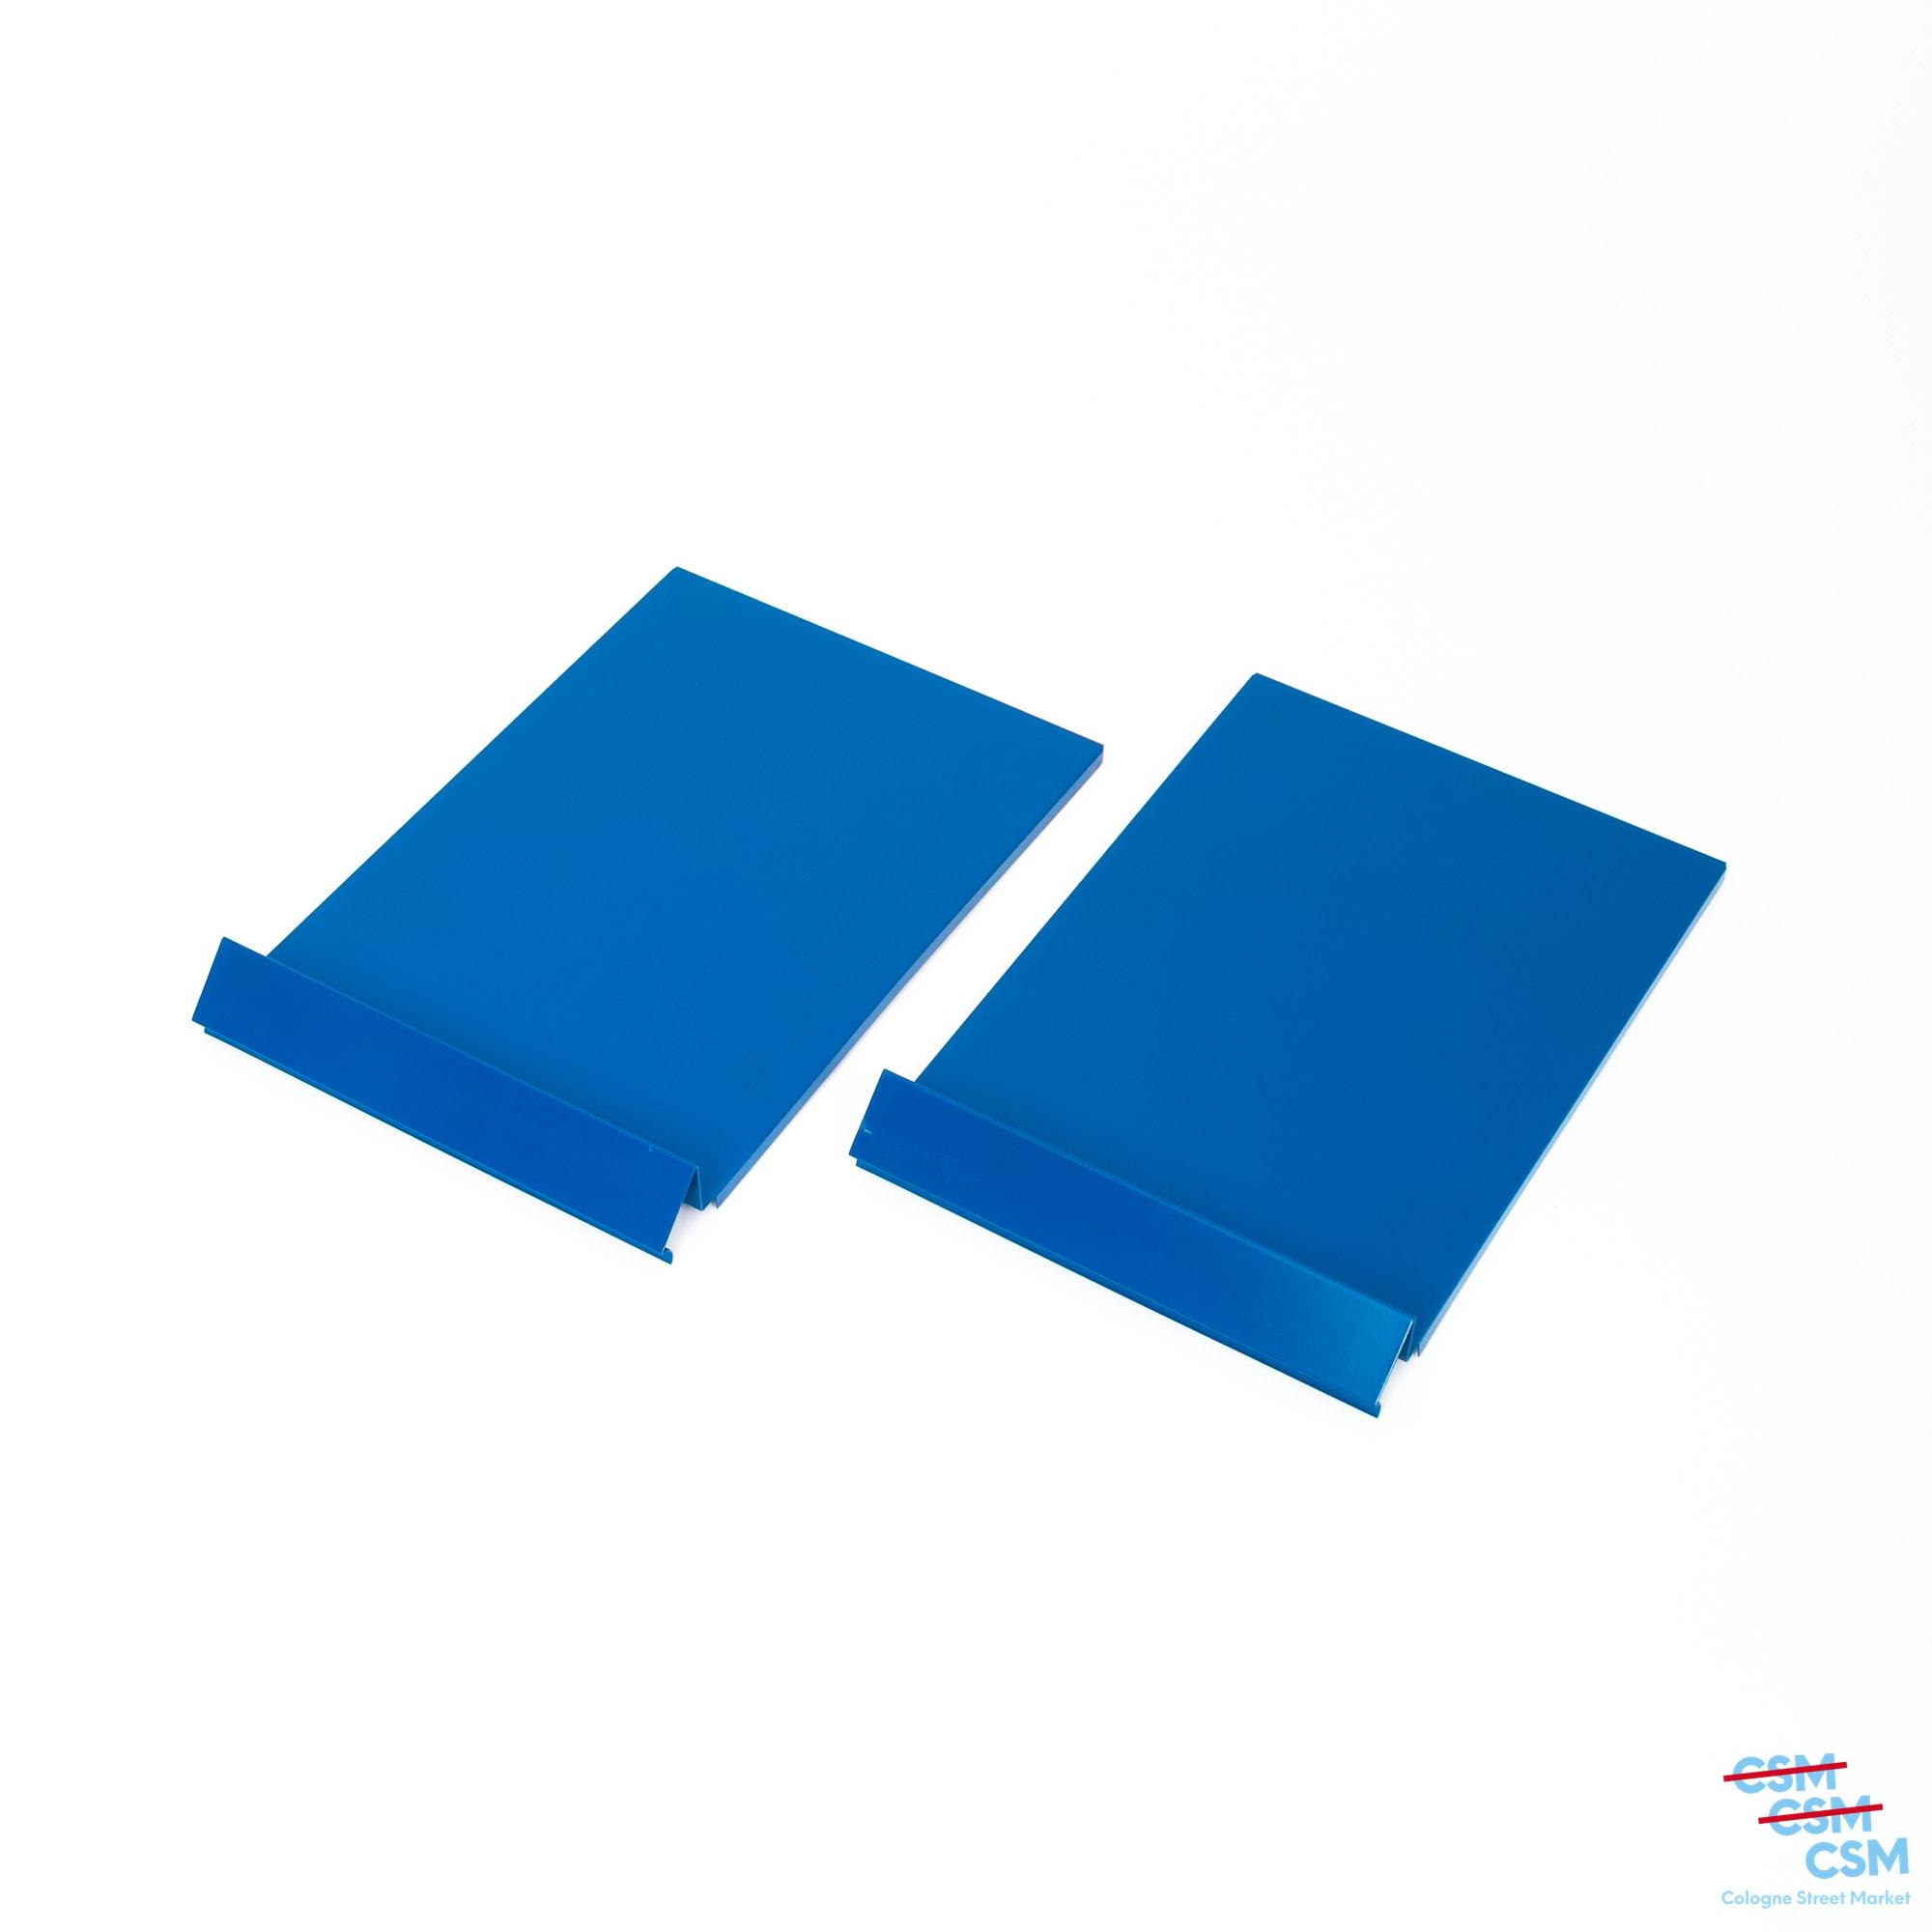 2er Paket USM Haller Prospektklappe Enzianblau 325x49 gebraucht 1